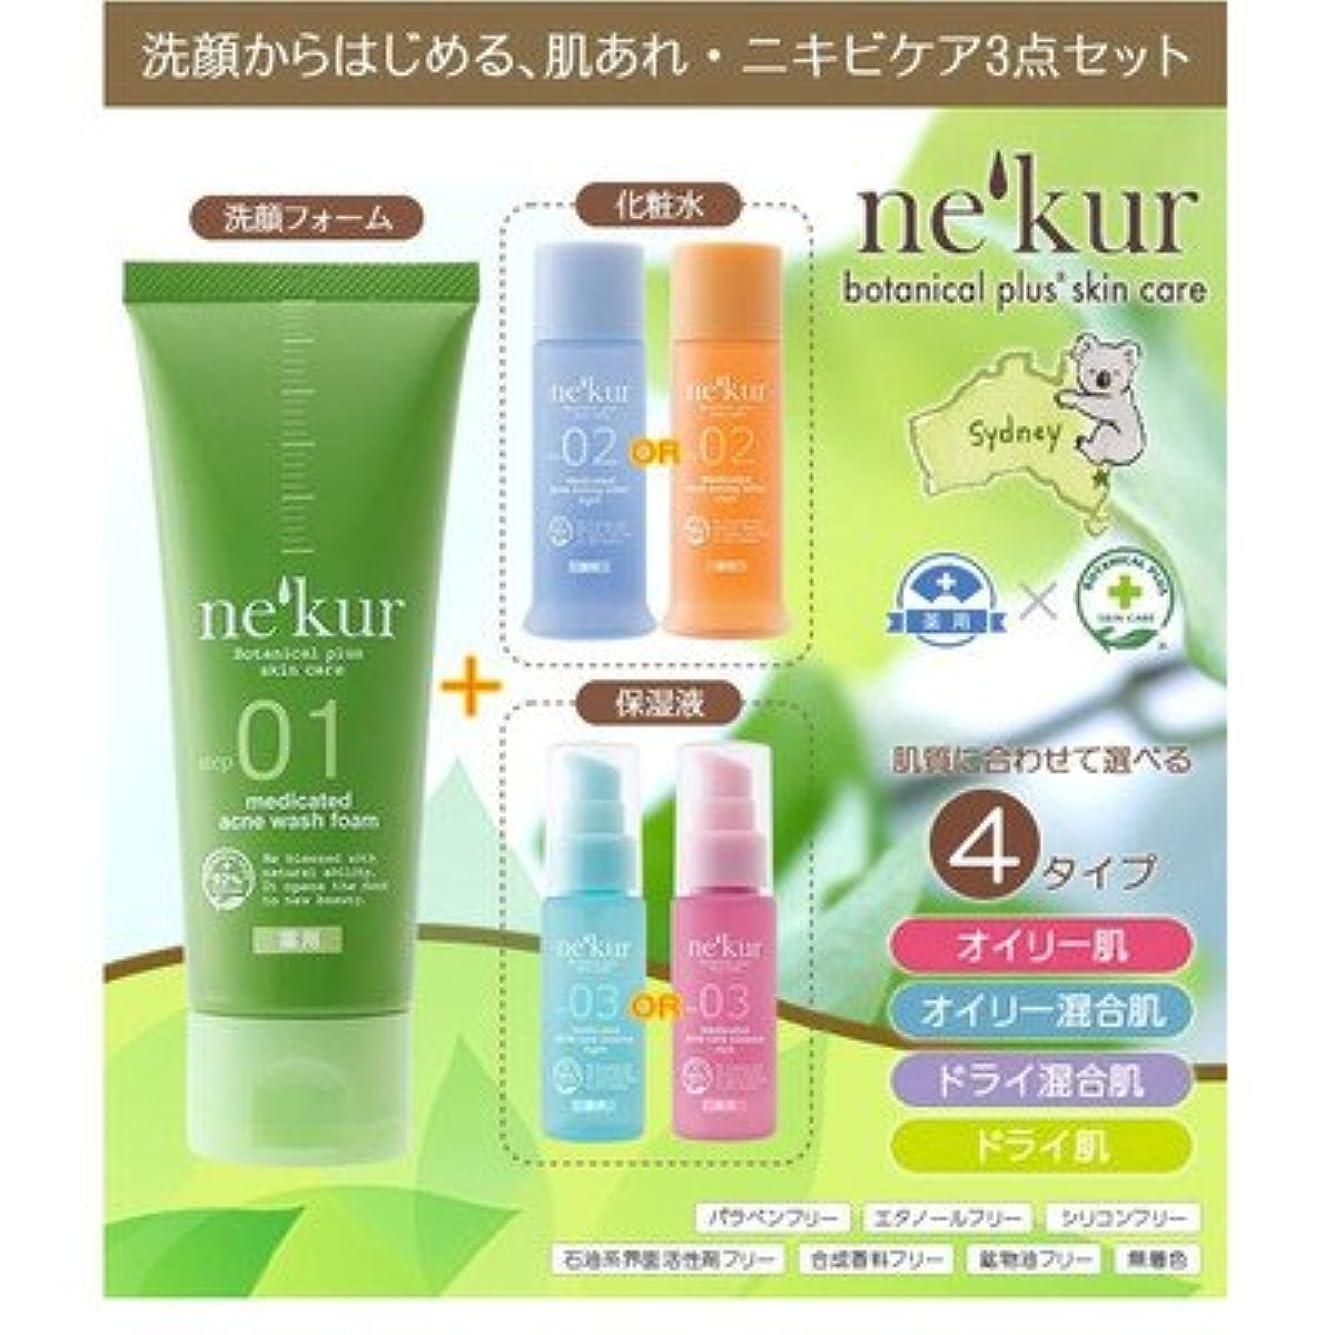 ジャーナル抑圧枕ネクア(nekur) ボタニカルプラススキンケア 薬用アクネ洗顔3点セット ドライ肌セット( 画像はイメージ画像です お届けの商品はドライ肌セットのみとなります)